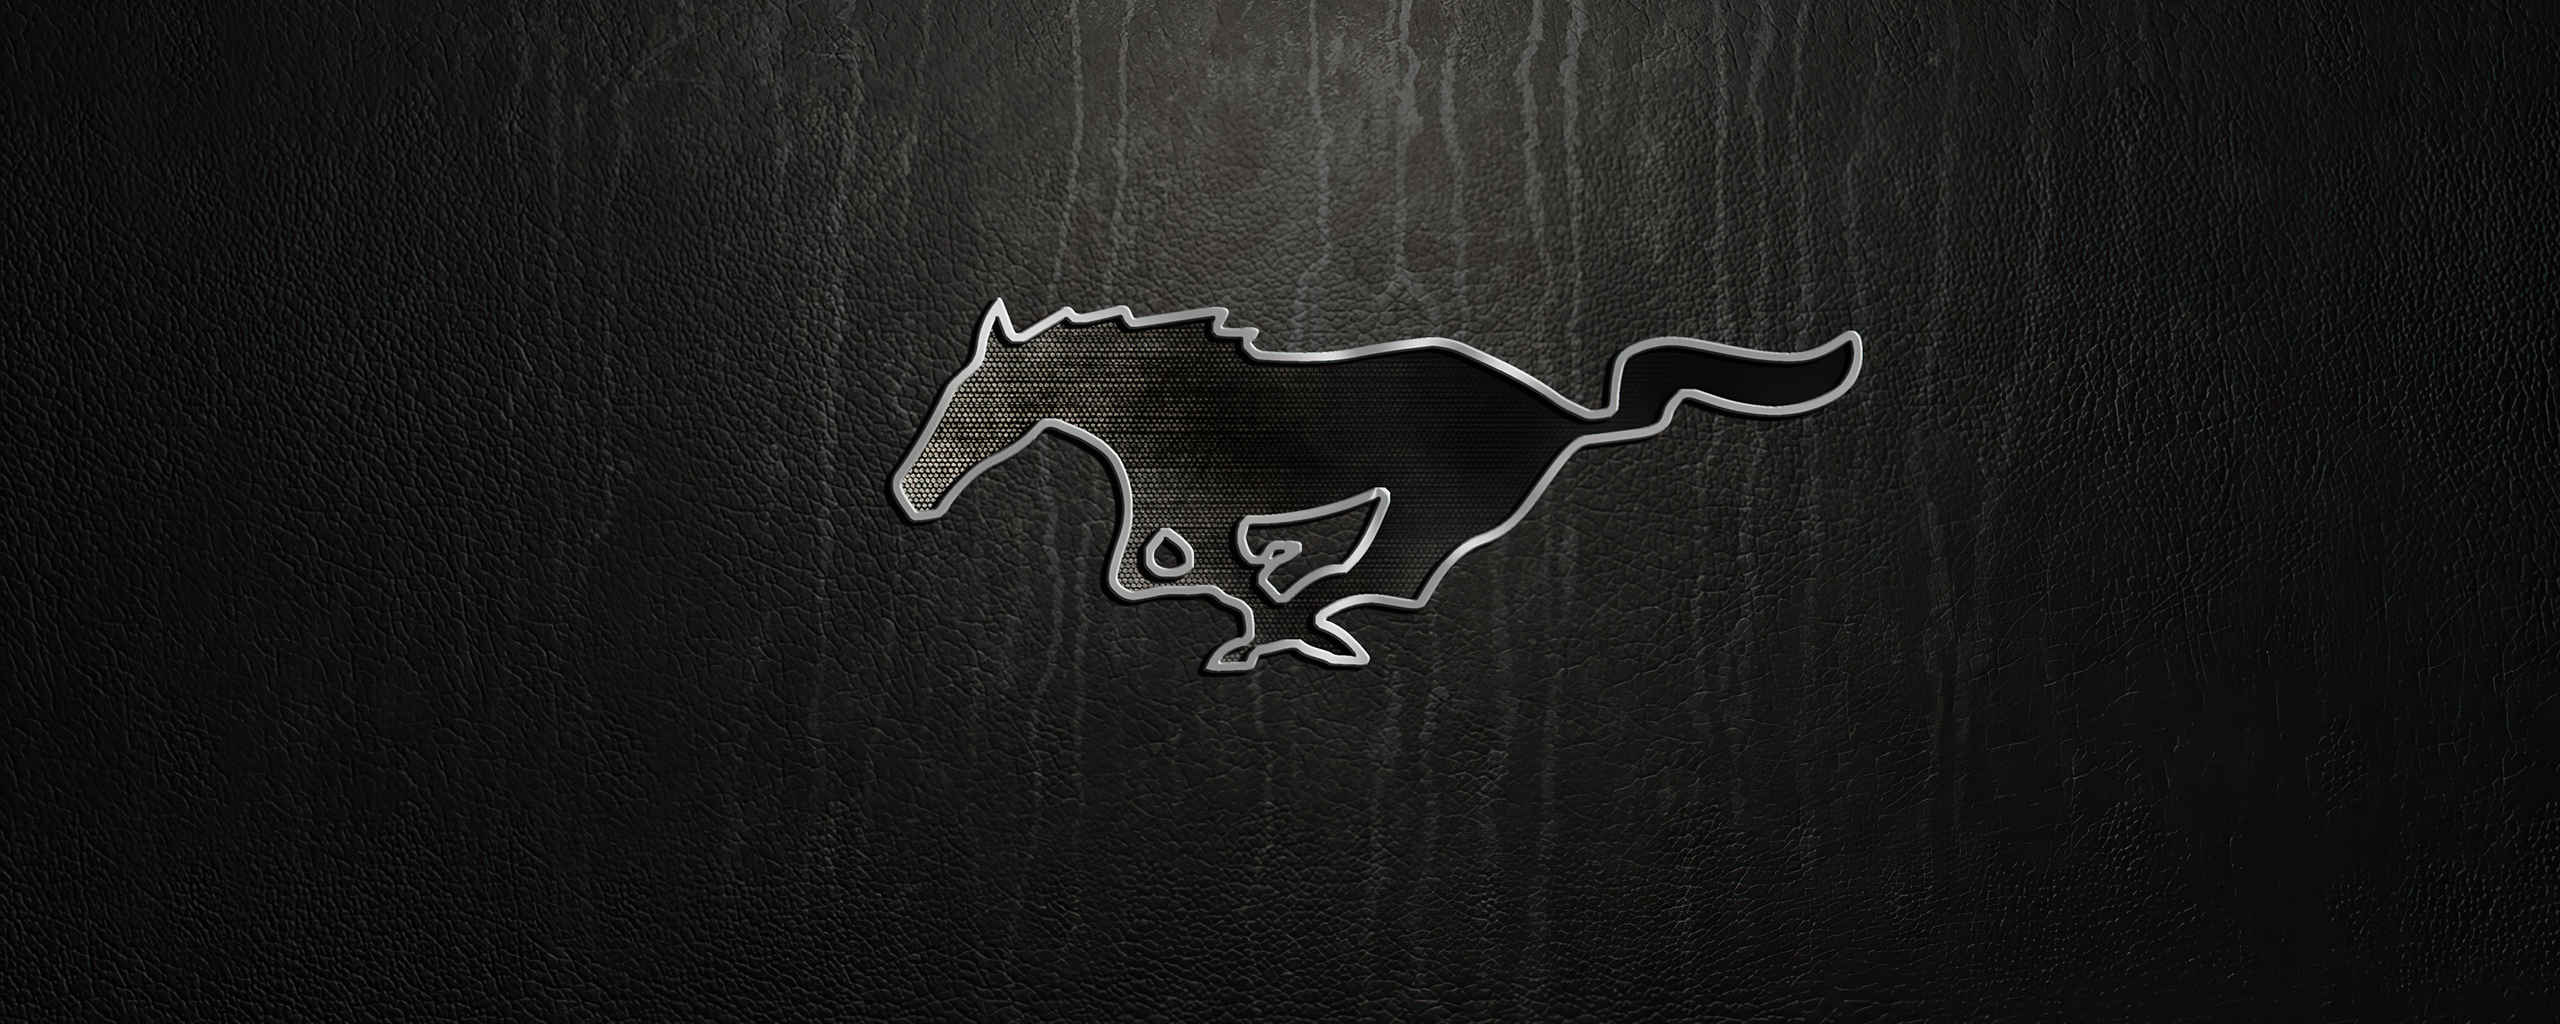 ford-mustang-logo-4k-7c.jpg